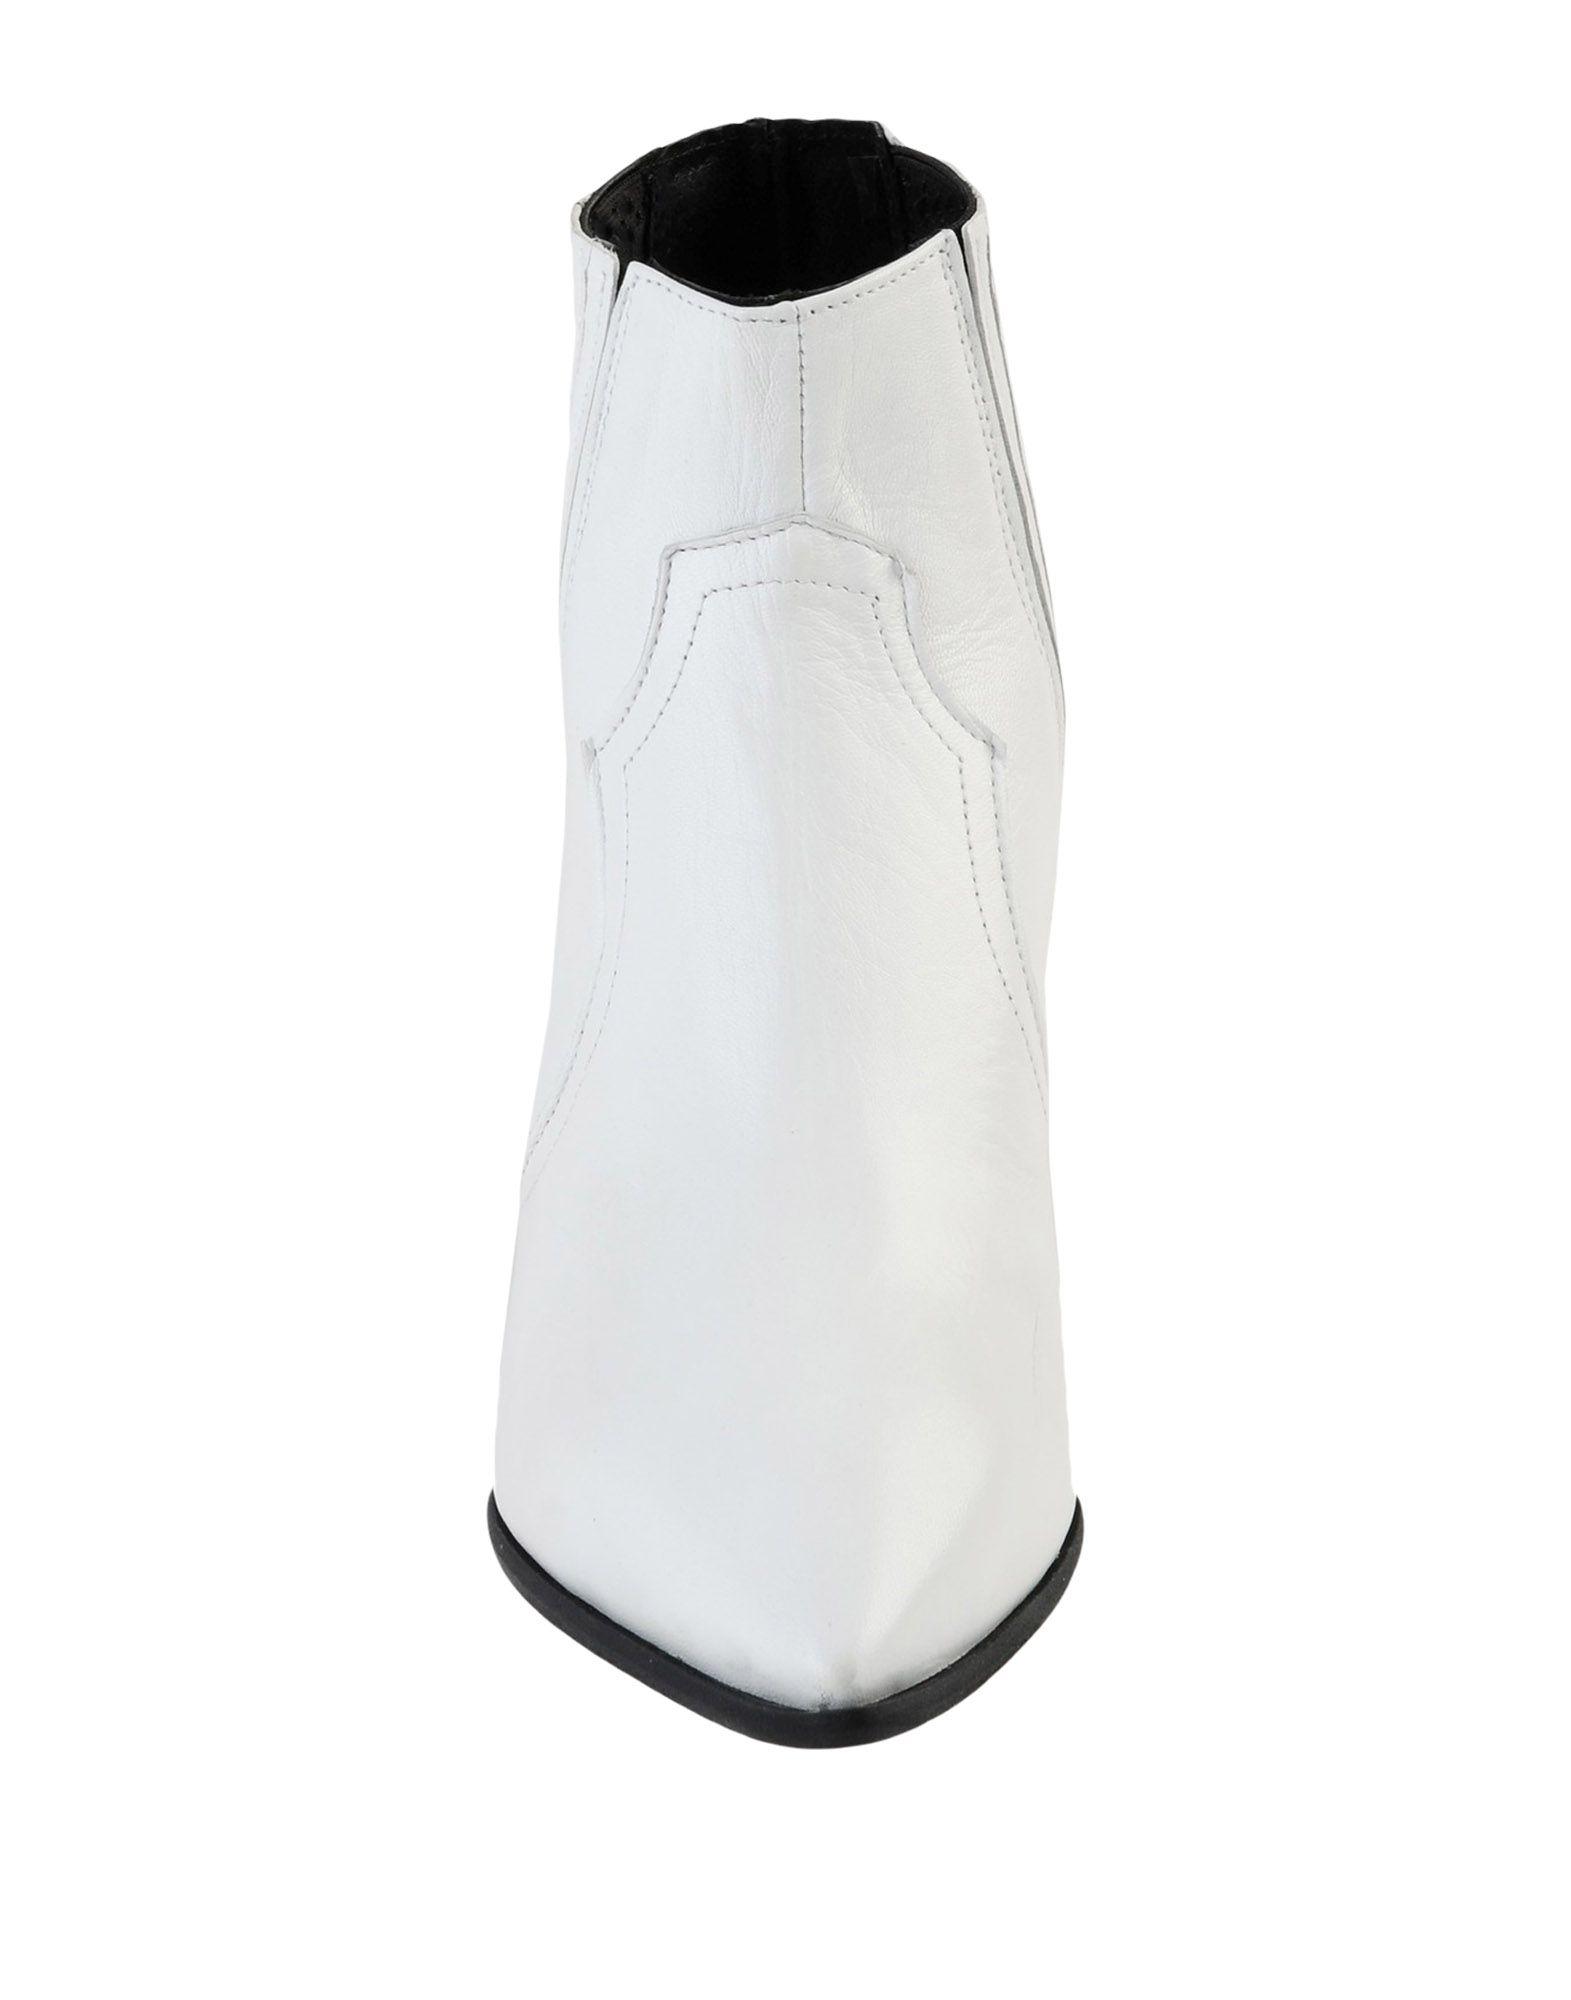 Gut um billige Schuhe zu tragenGeorge J. Love Stiefelette Damen  11545110JM